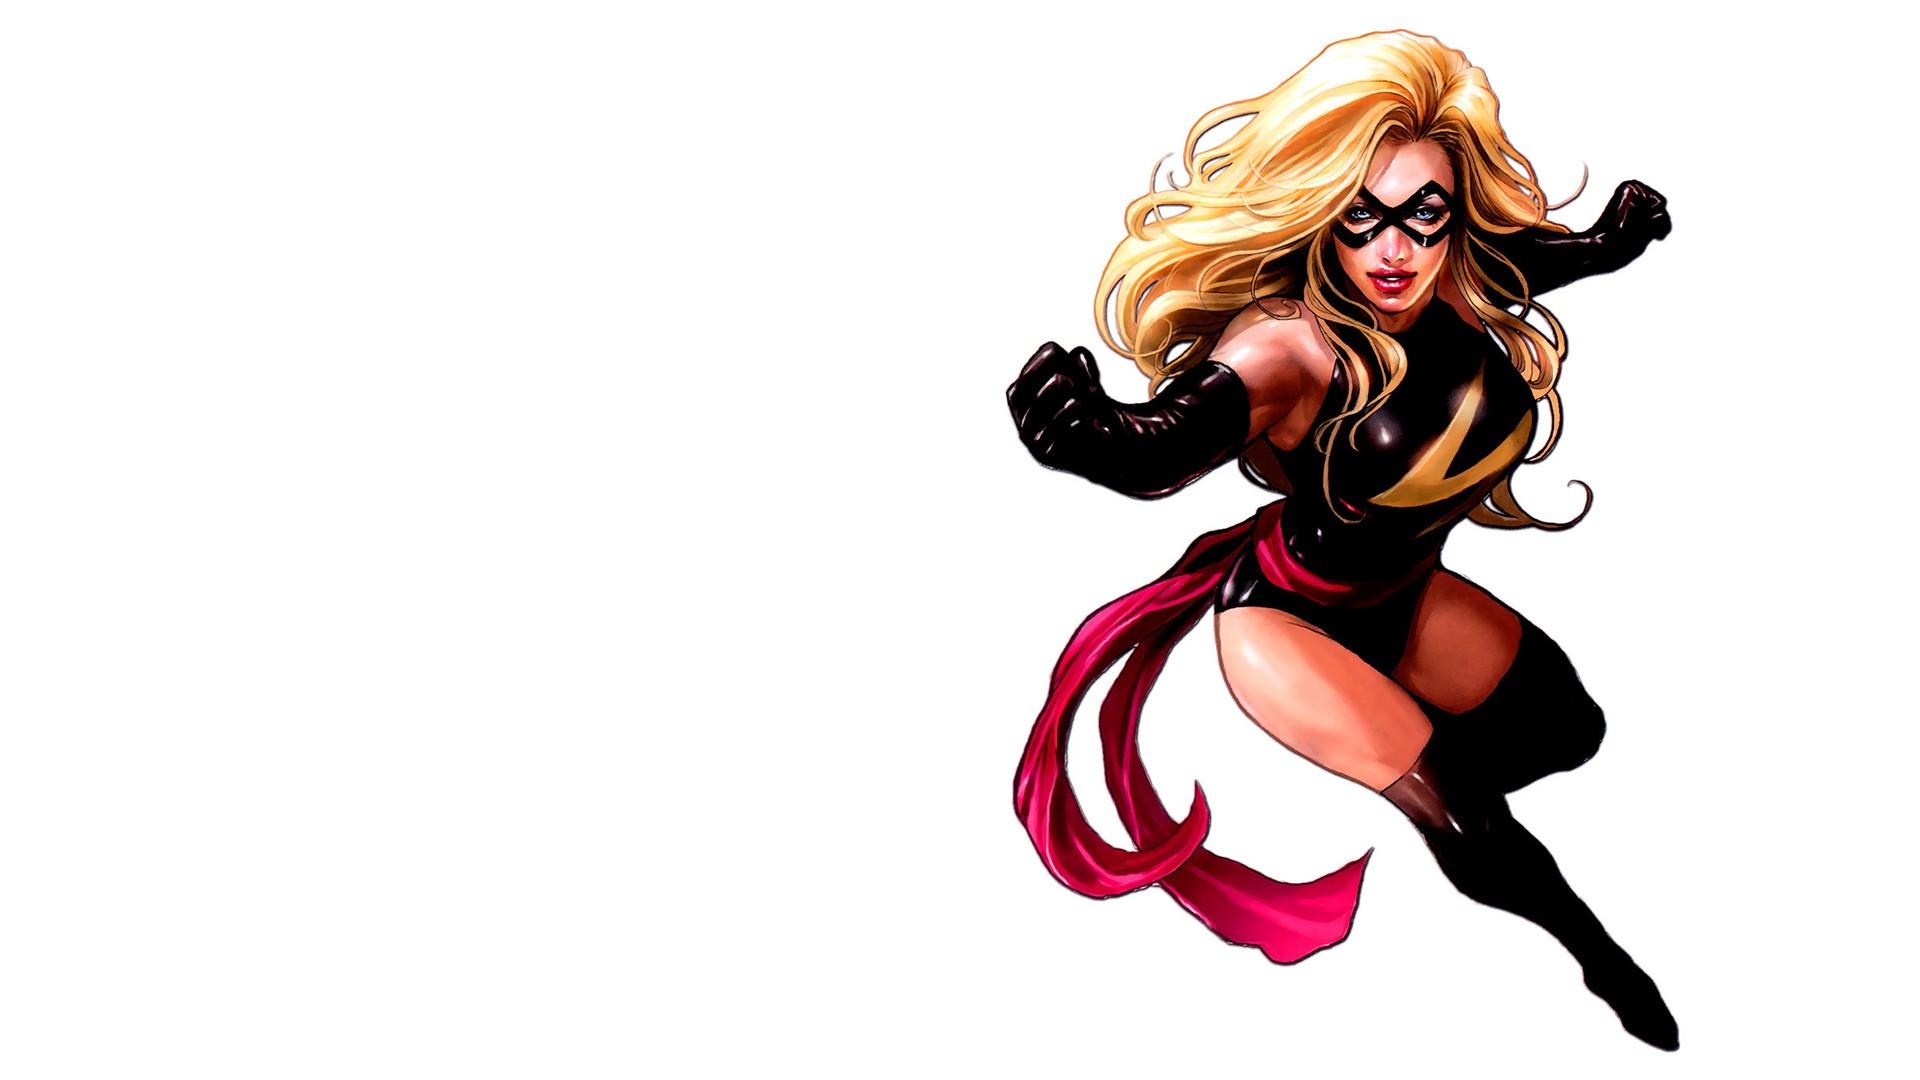 General 1920x1080 Miss Marvel superheroines blonde latex artwork